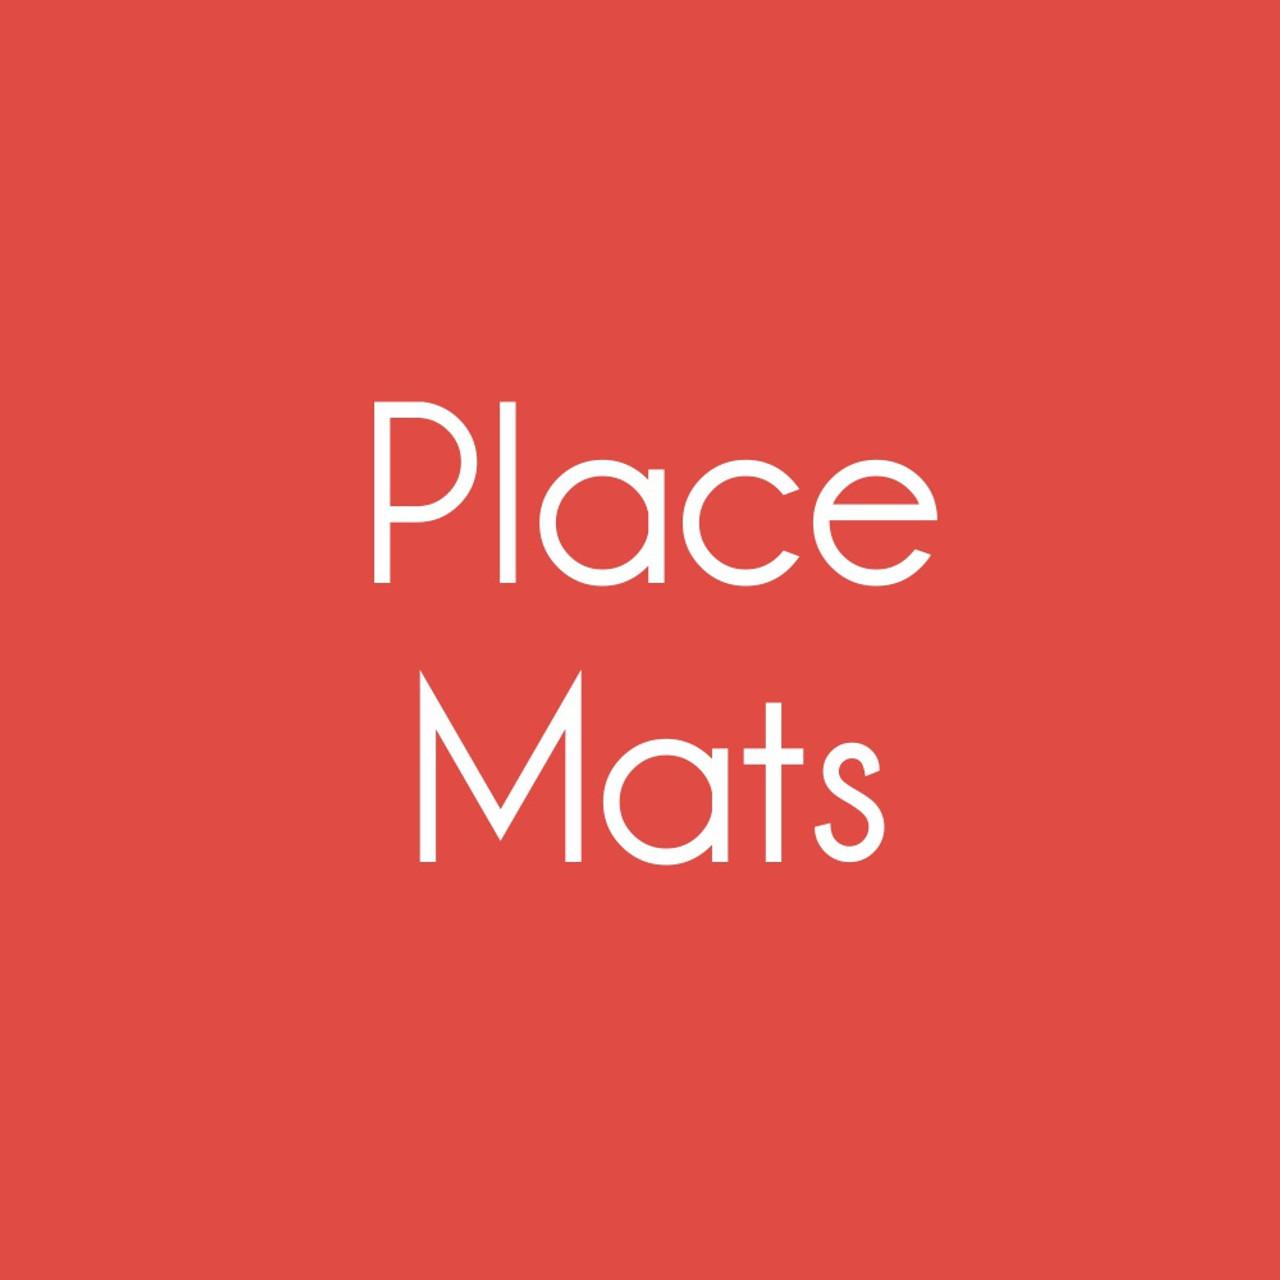 Pet Place Mats